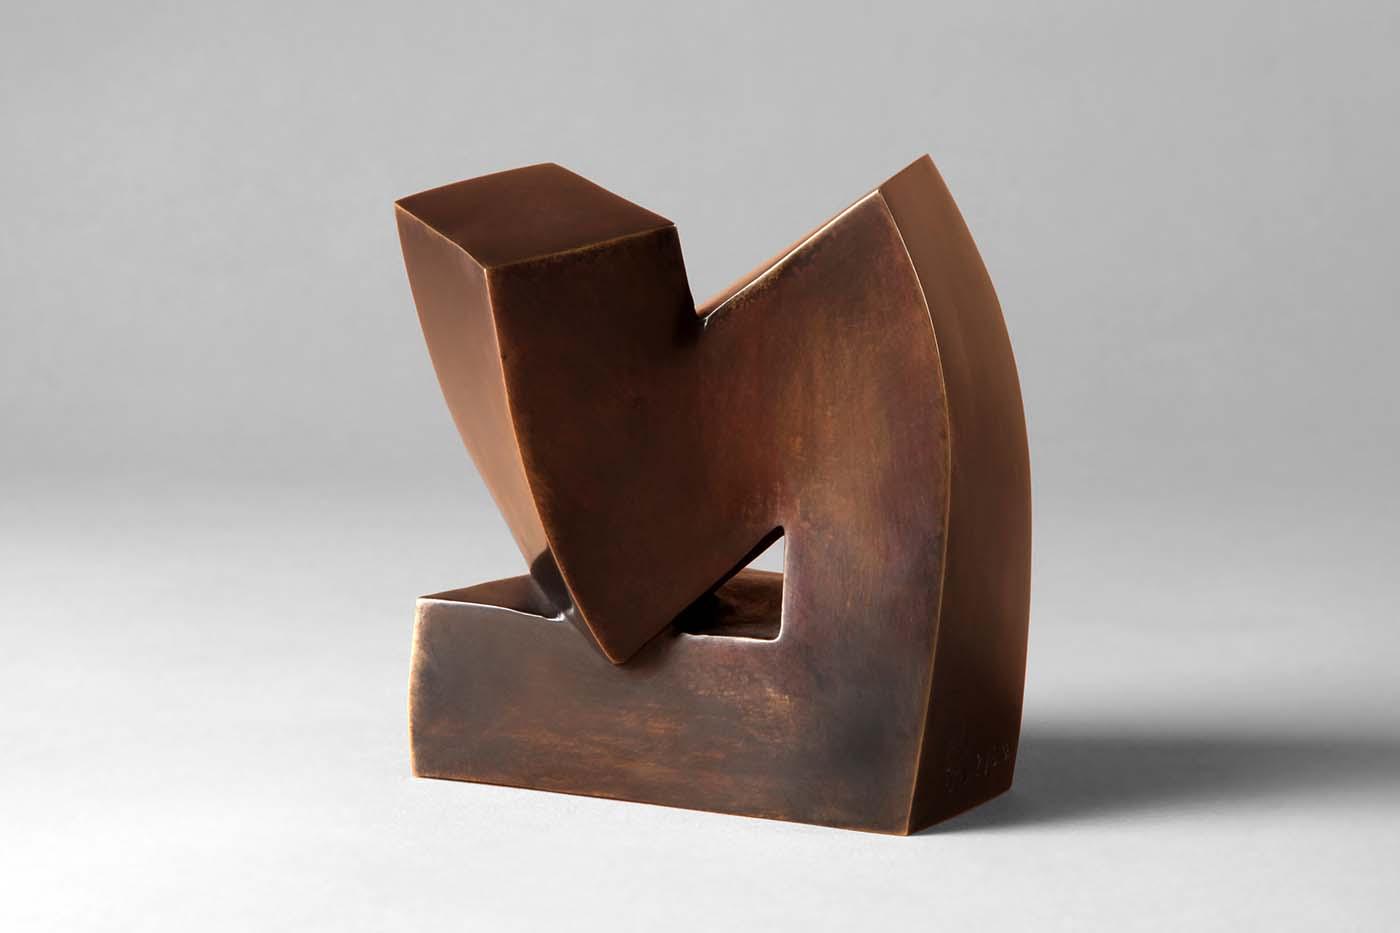 Der Denker, 2013, Bronze, 10,5 x 8 x 8 cm